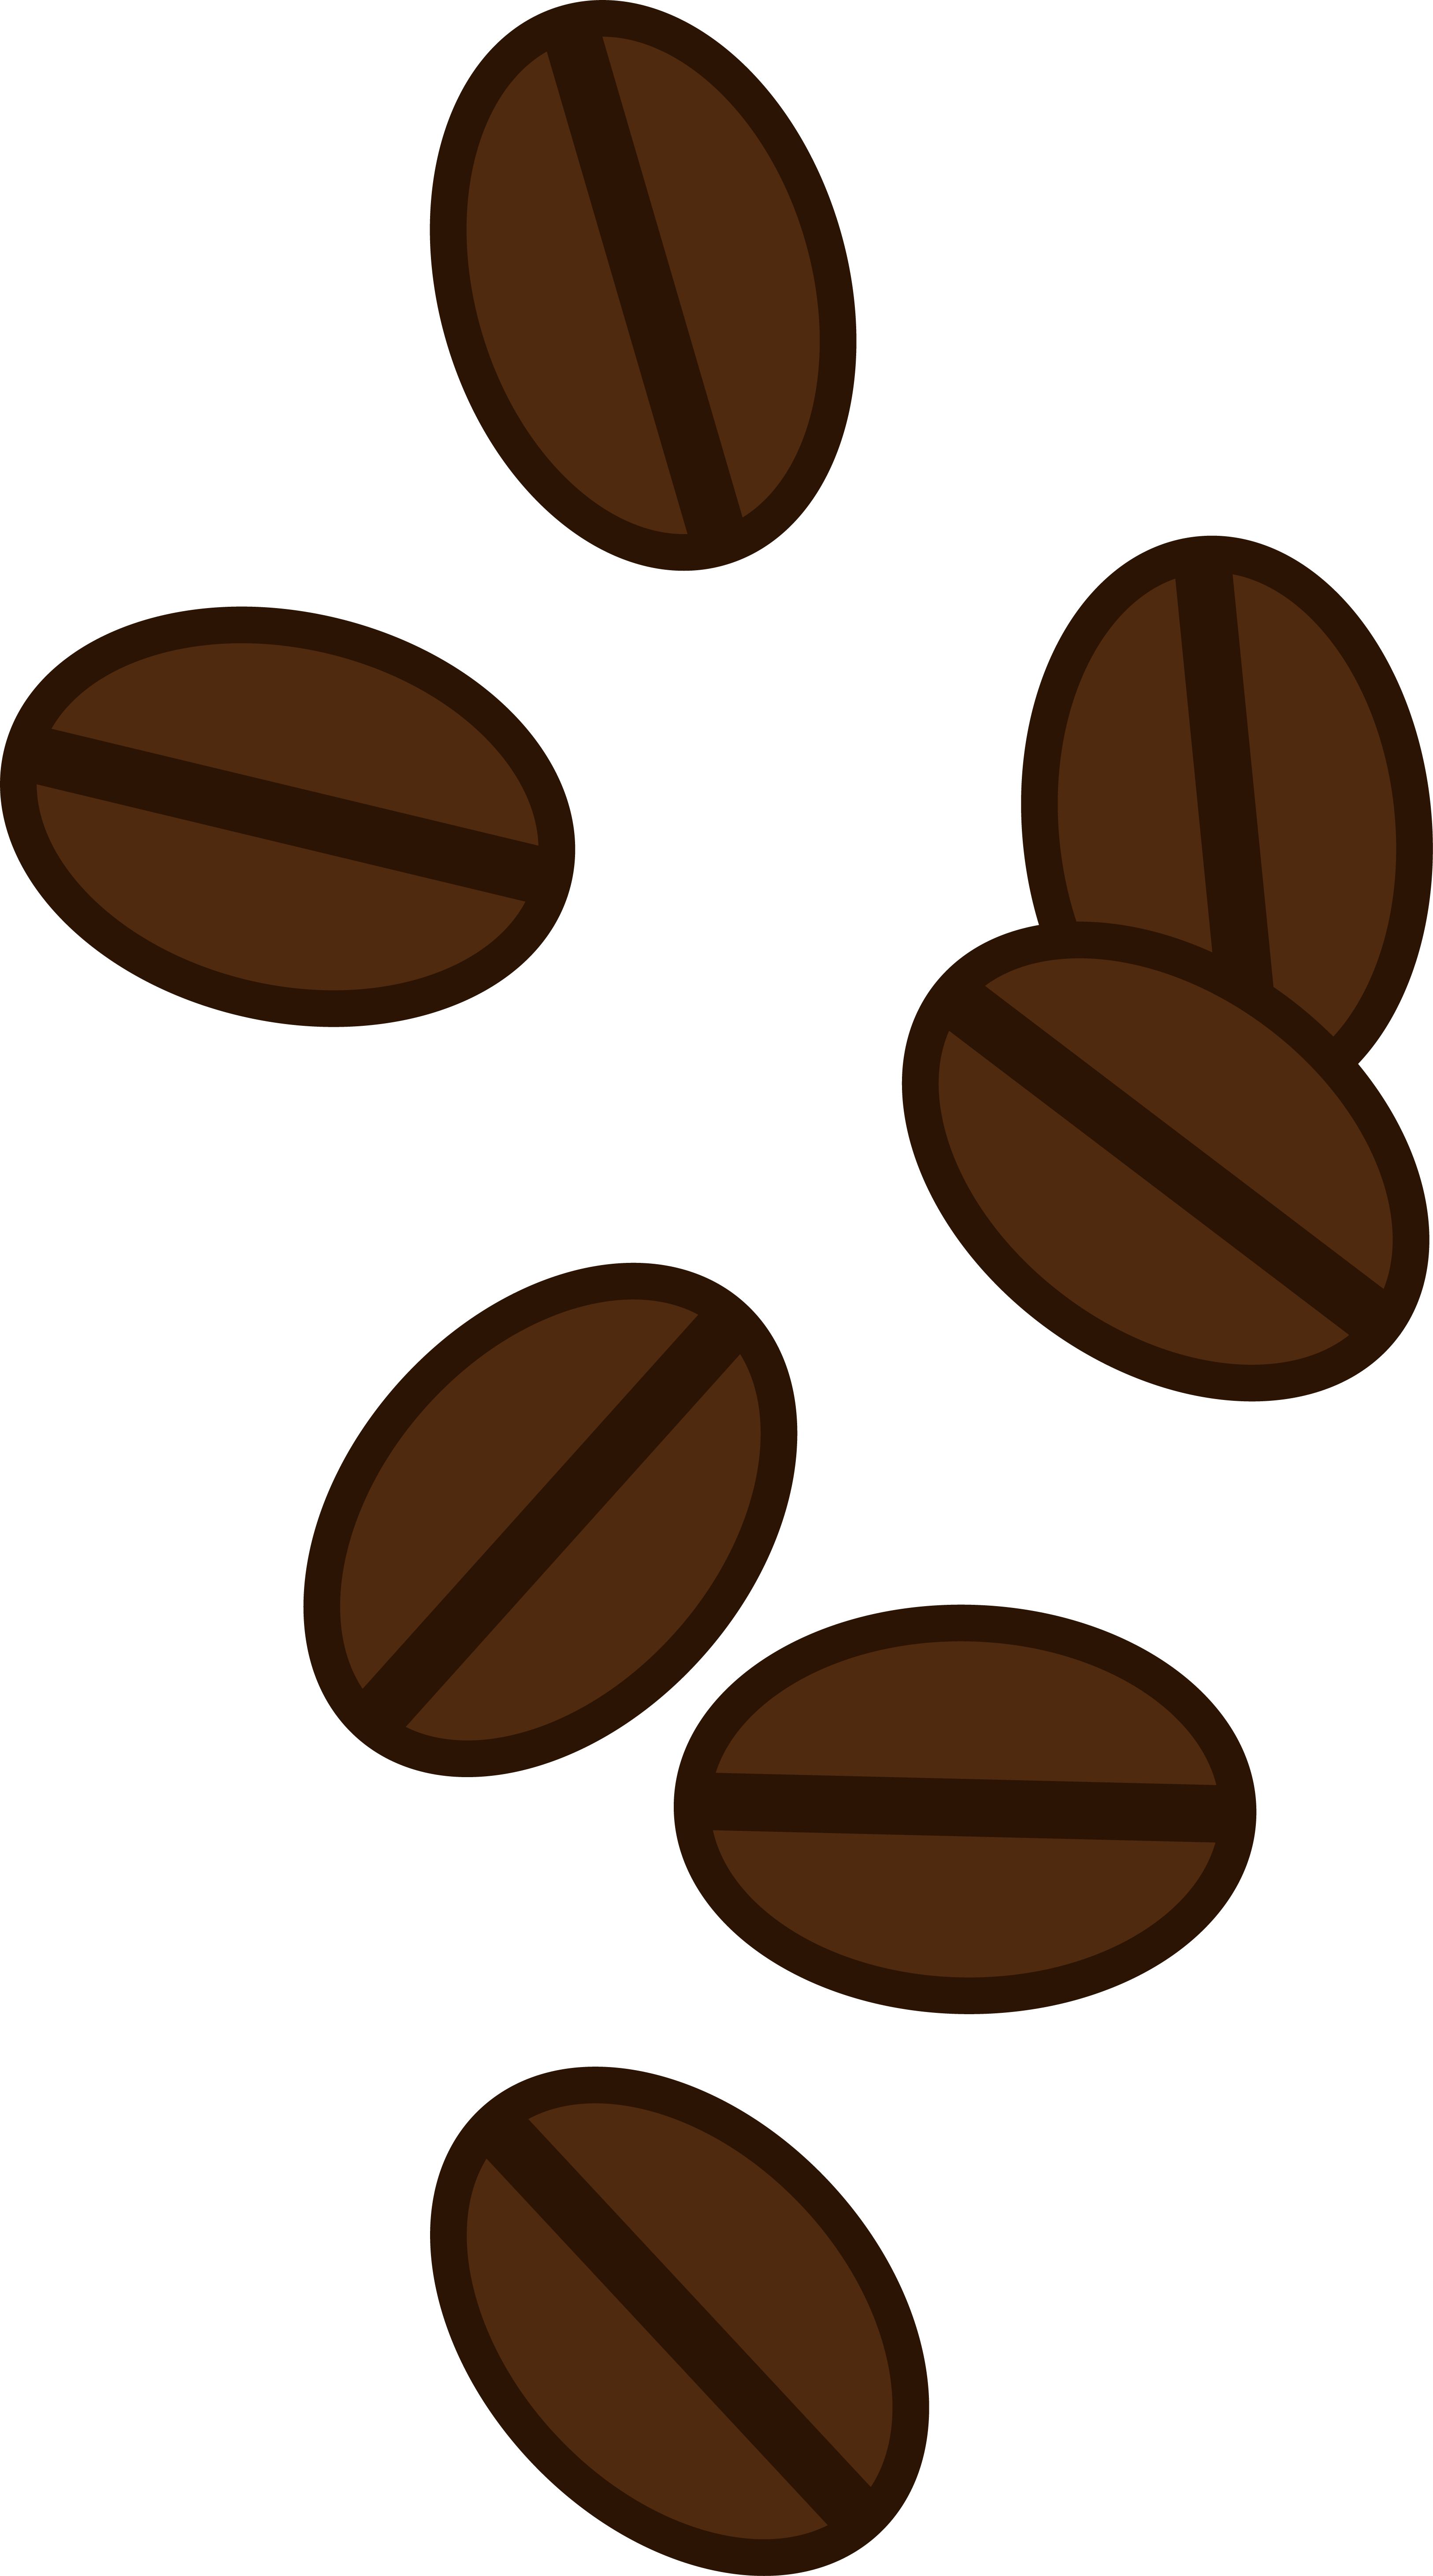 3252x5846 Coffee Beans Clip Art